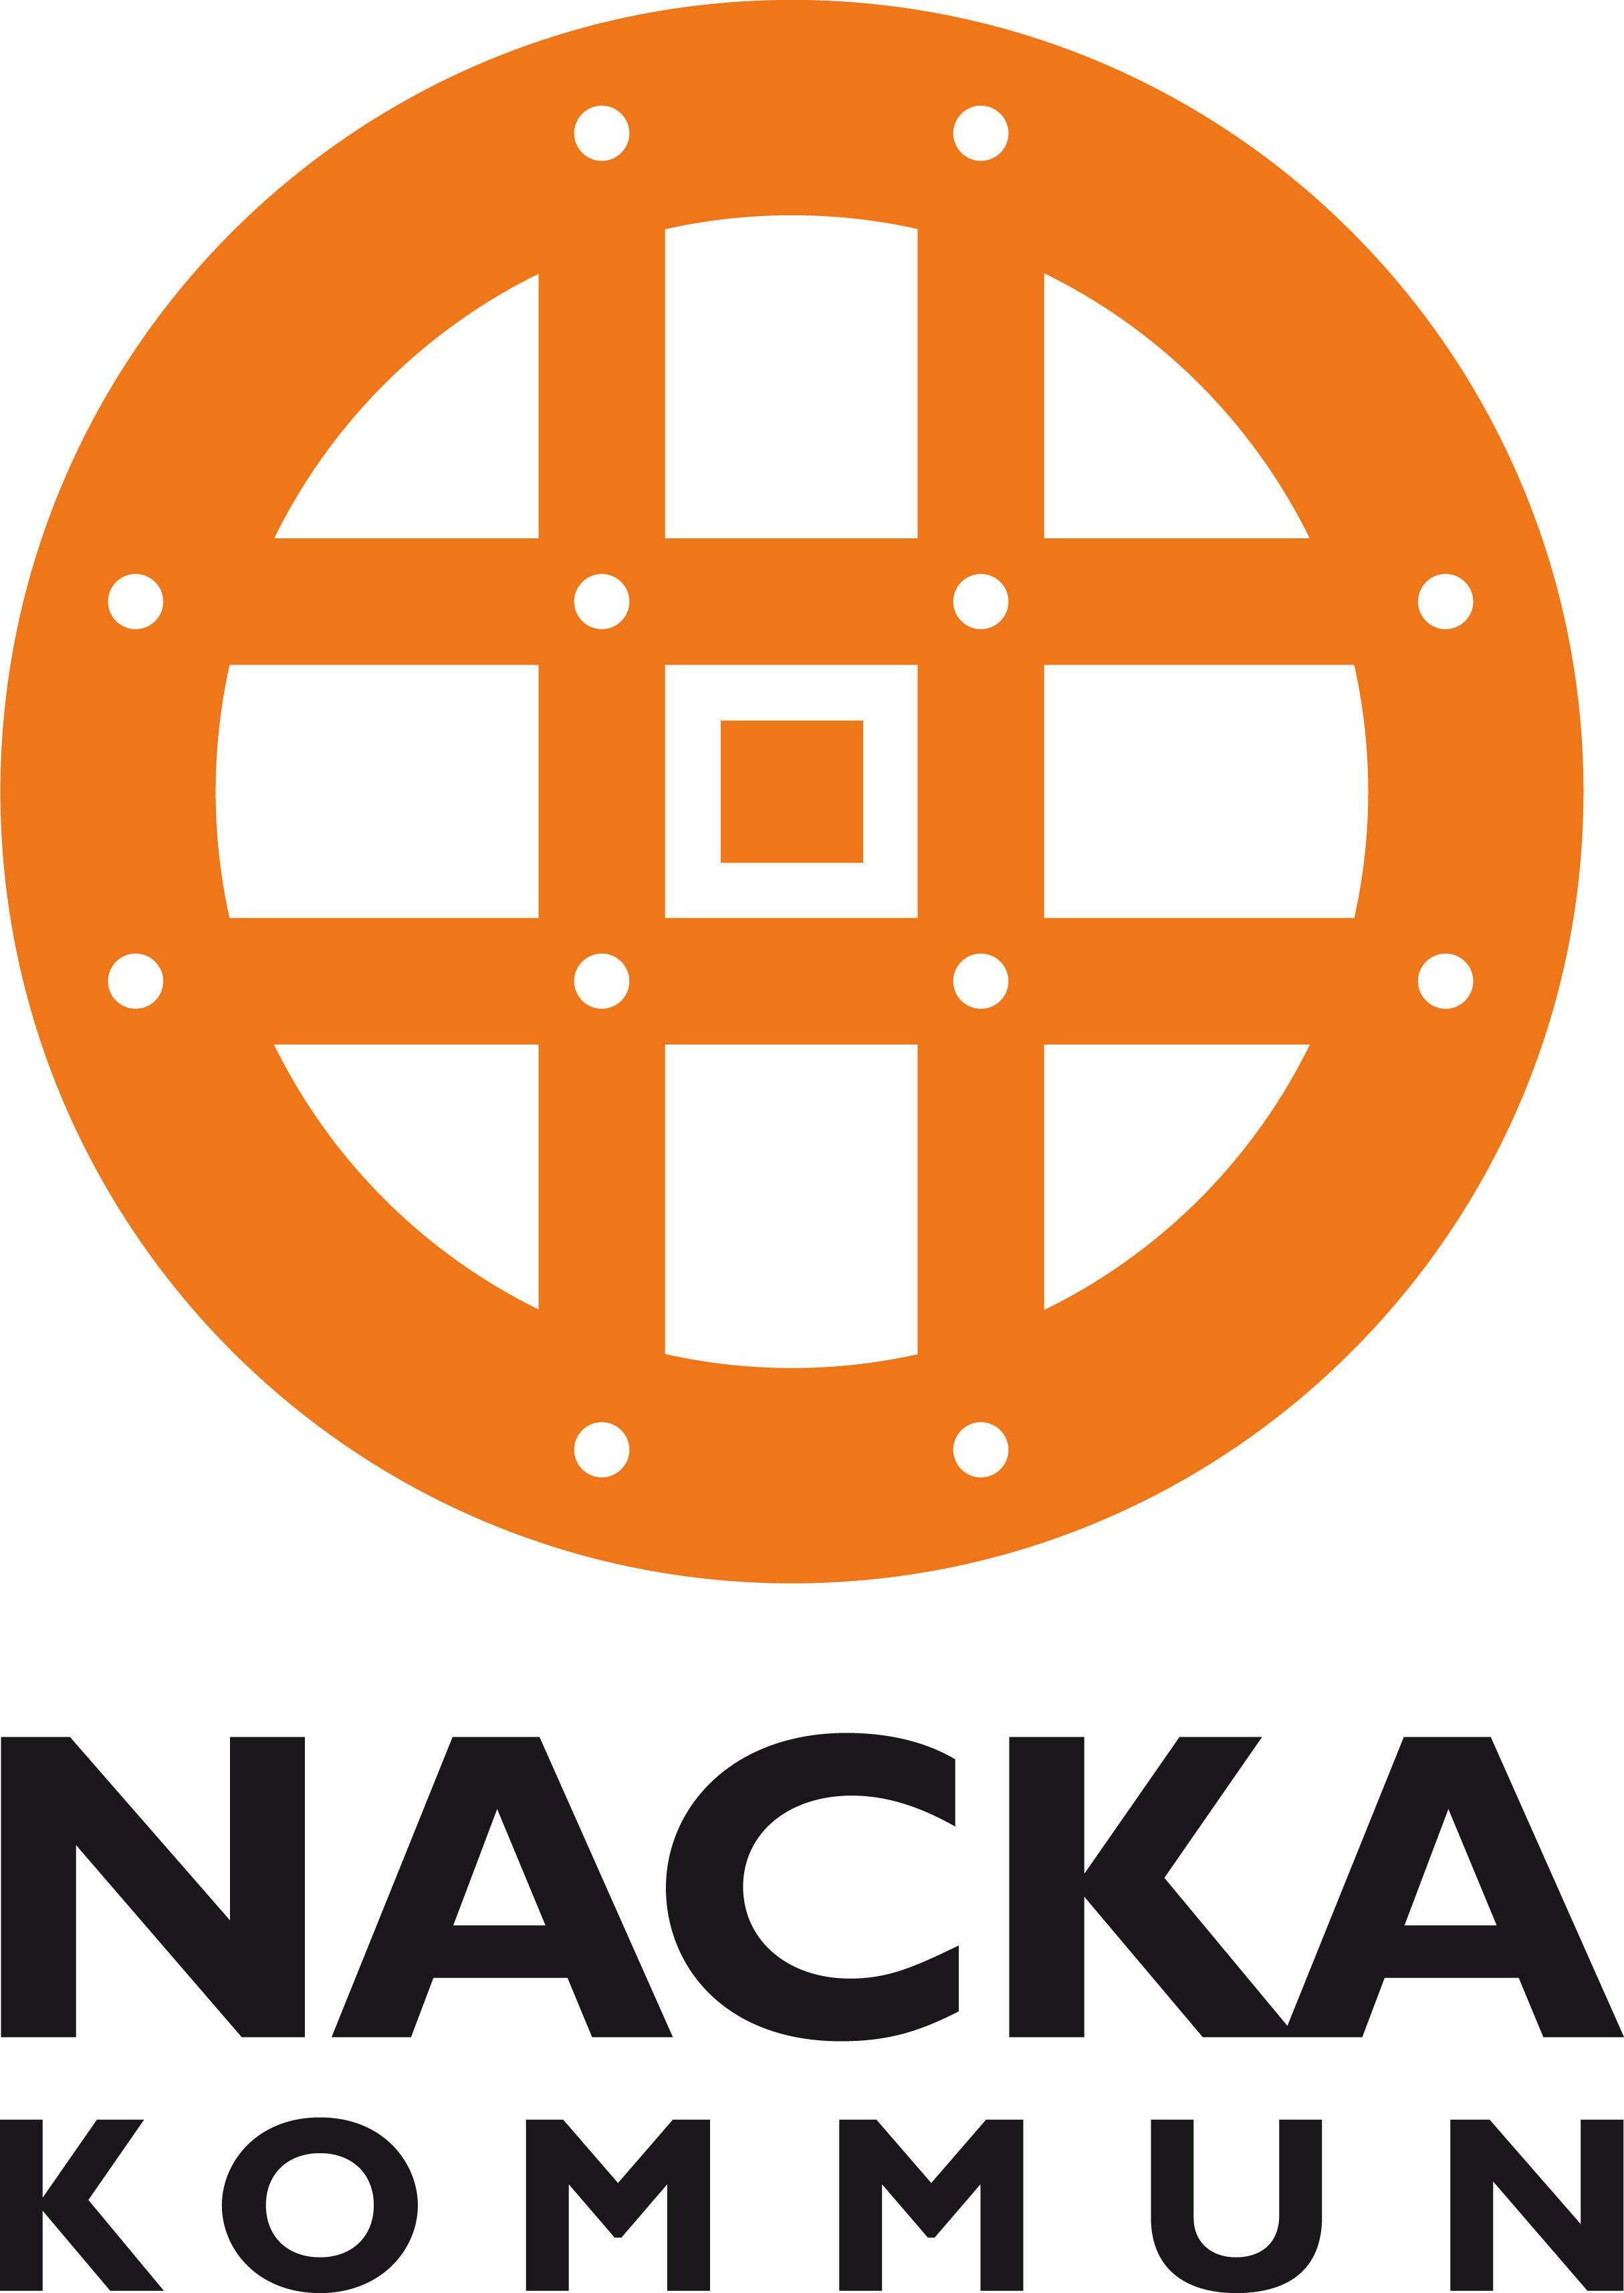 NackaKommun_logosymbol_orange_RGB